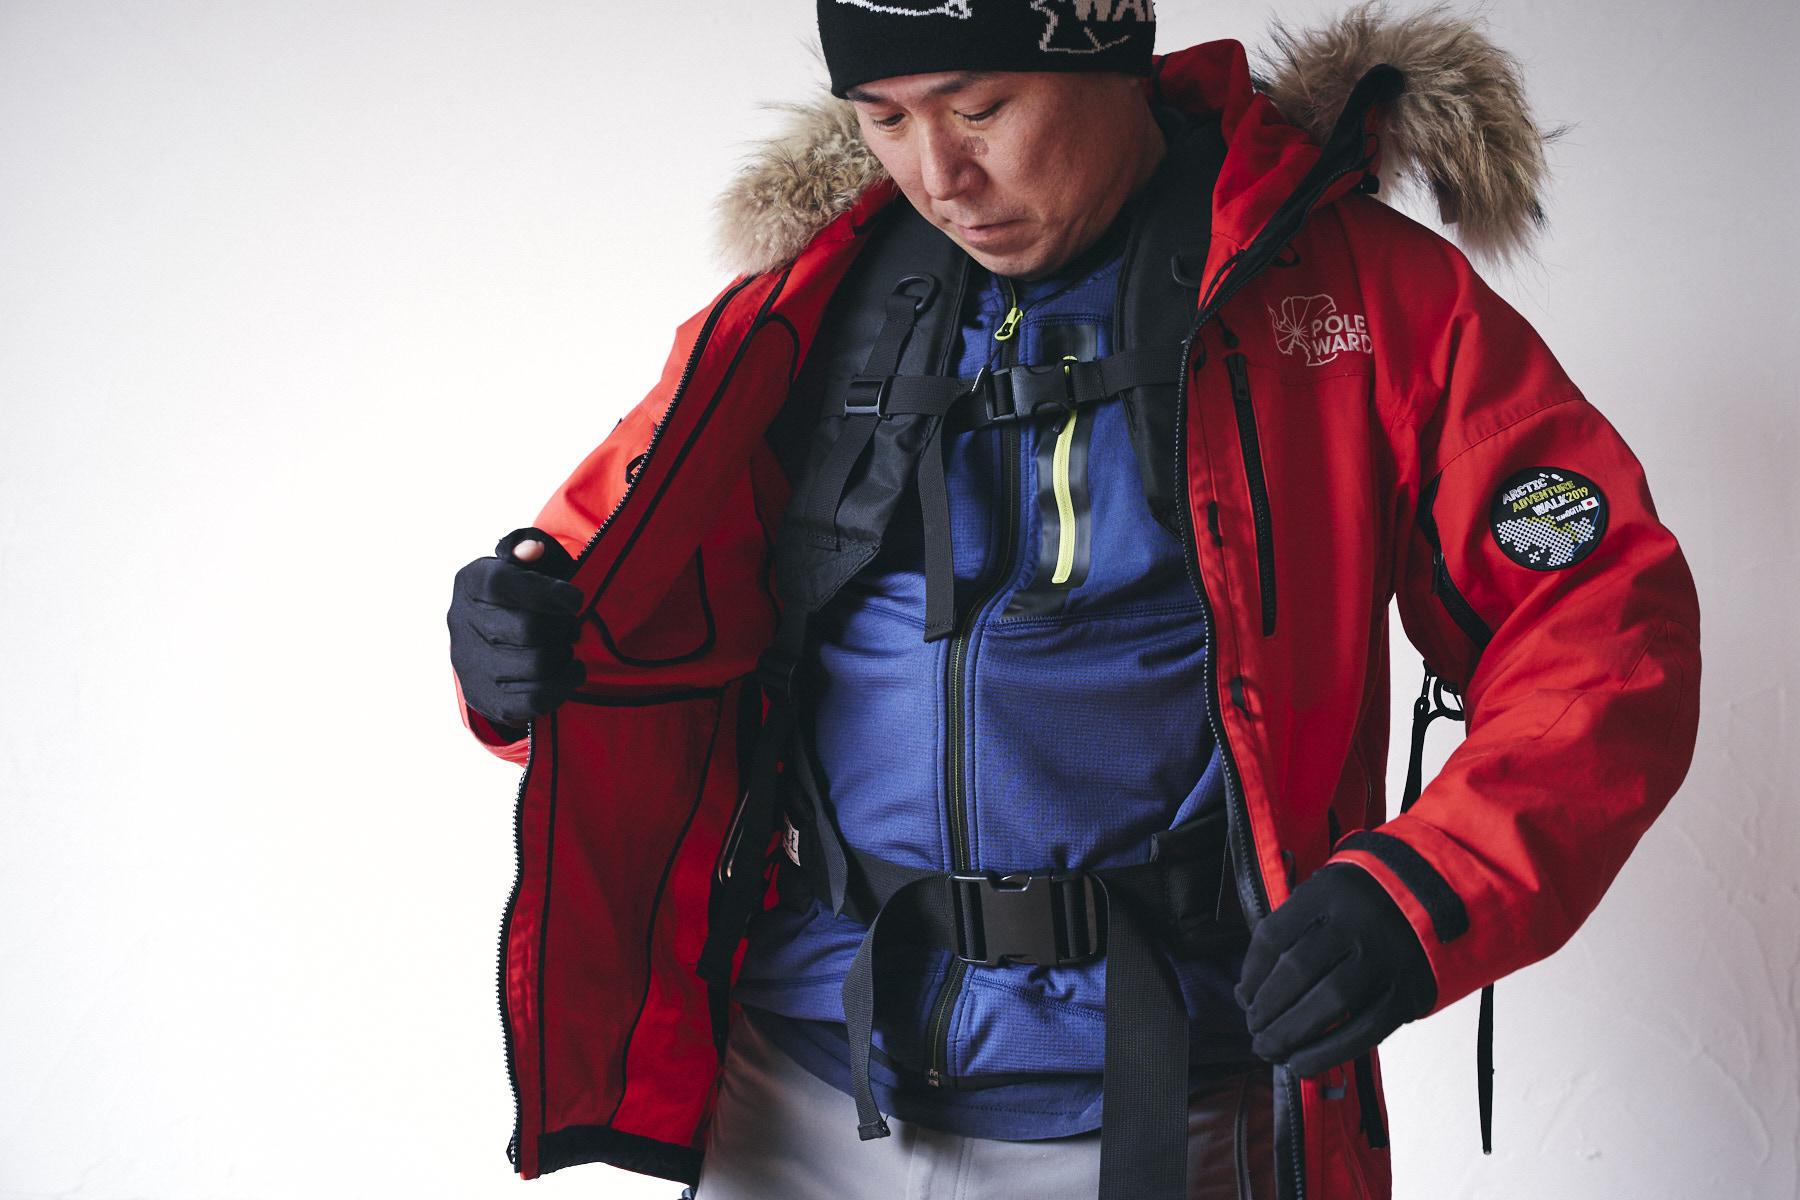 ソリひき用のハーネスはジャケットの内に装着